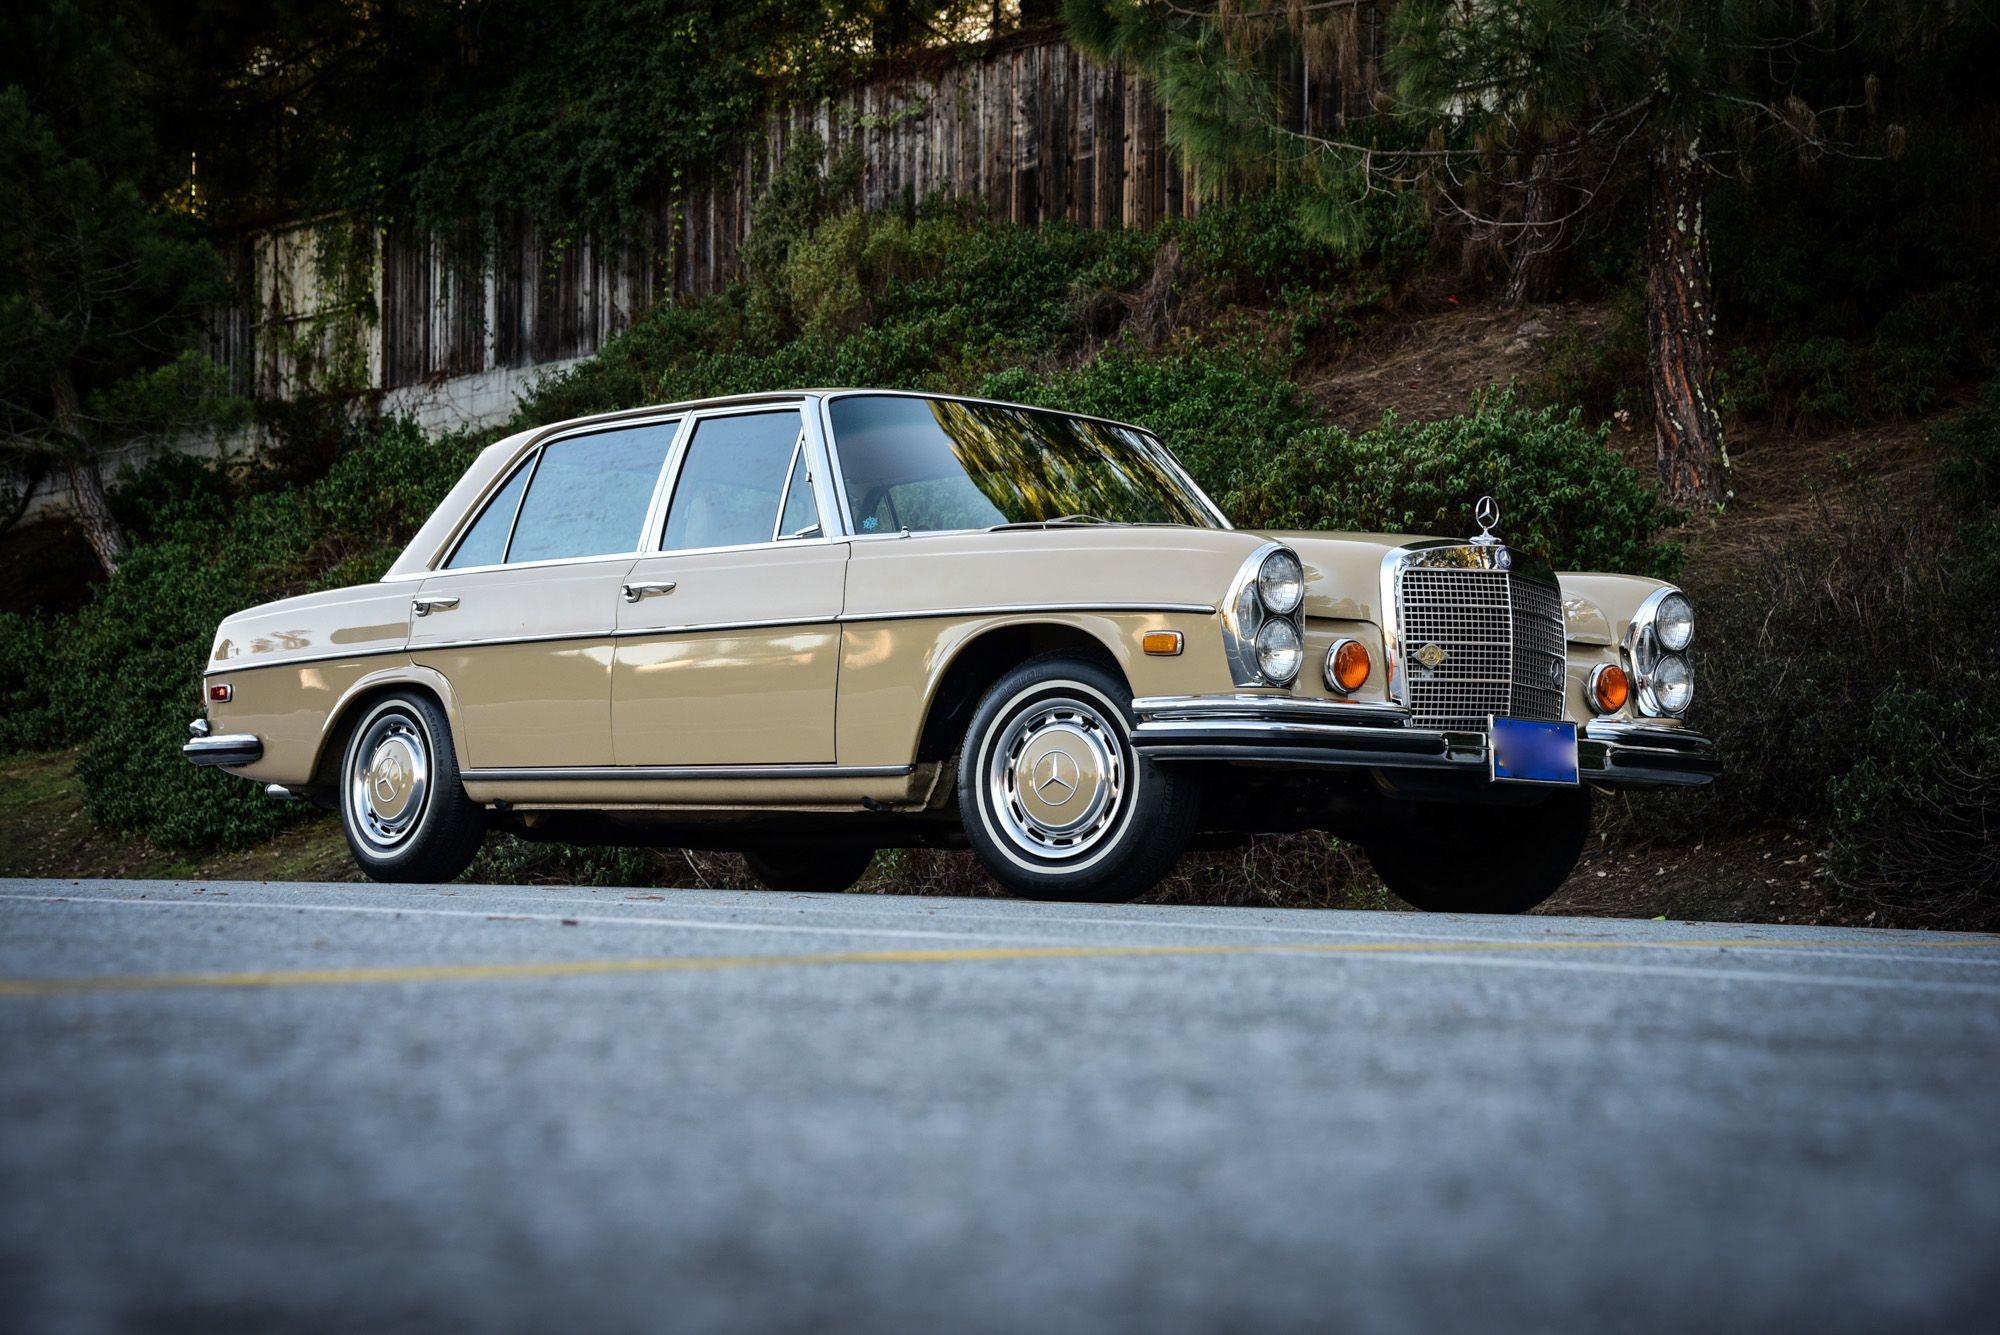 34k Mile 1973 Mercedes Benz 300sel 4 5 Mercedes Benz Benz Mercedes Benz Classic